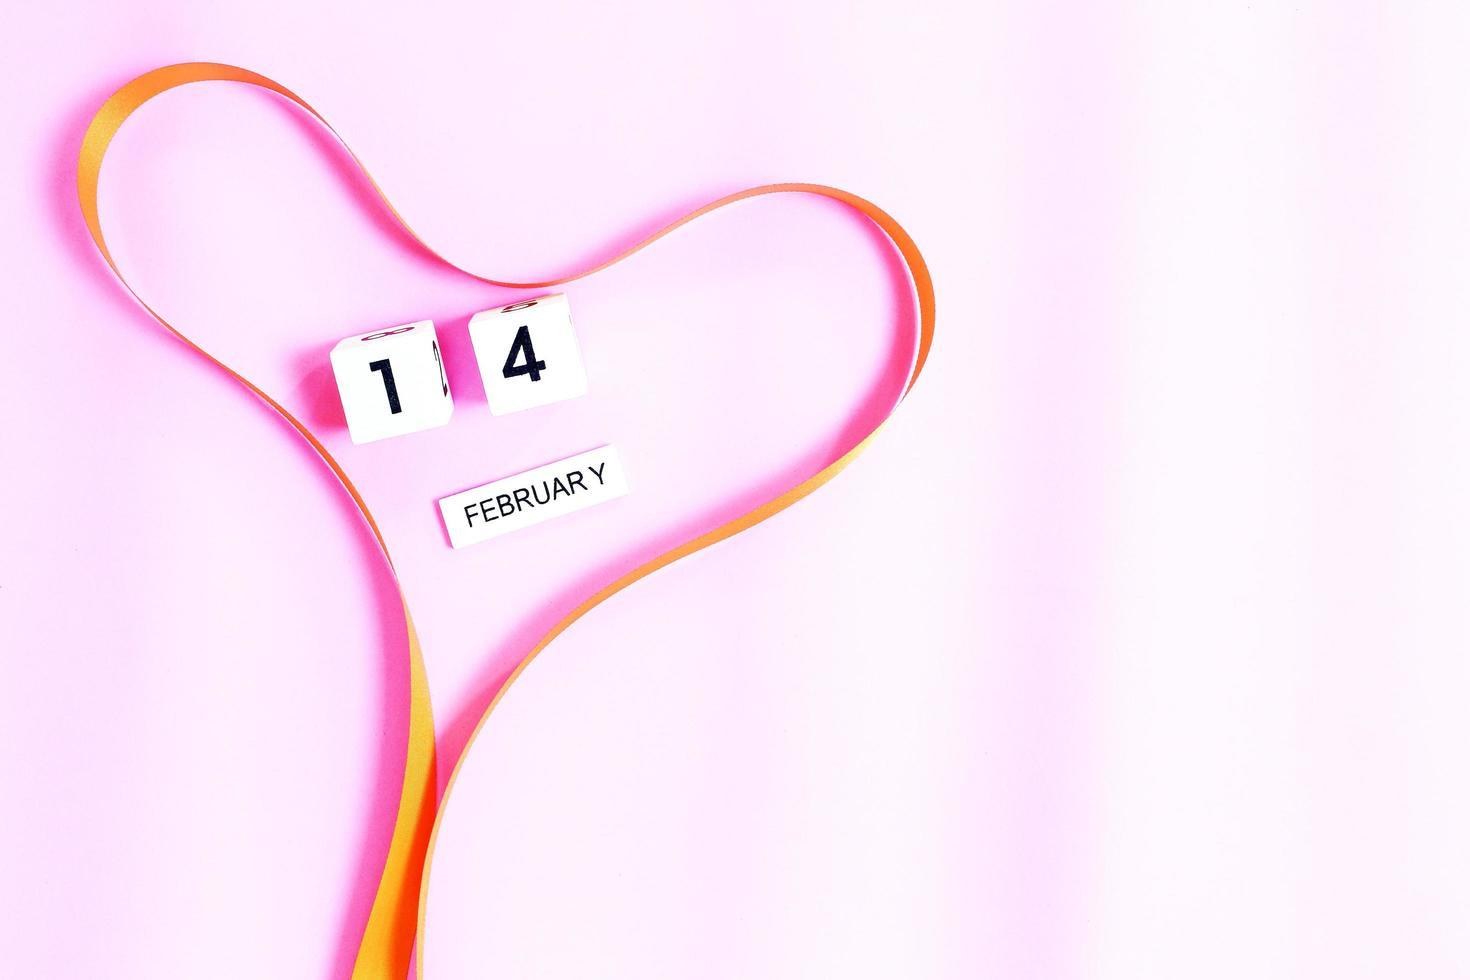 ruban coeur et 14 février photo